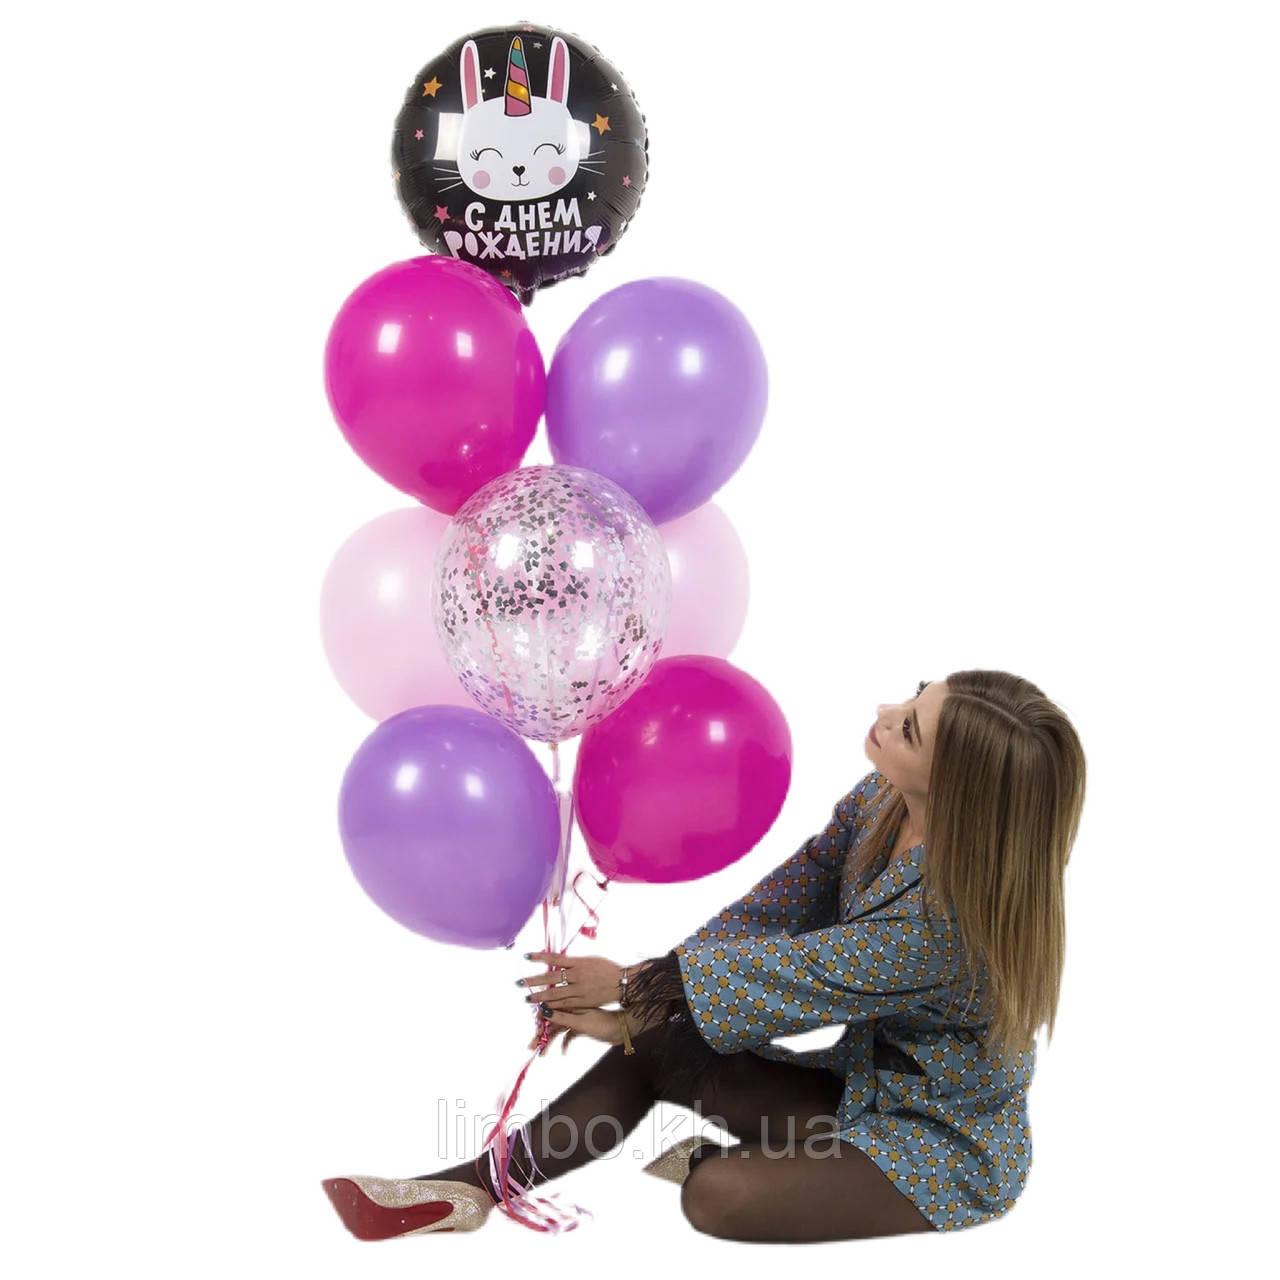 Кульки з гелієм на день народження для дівчинки